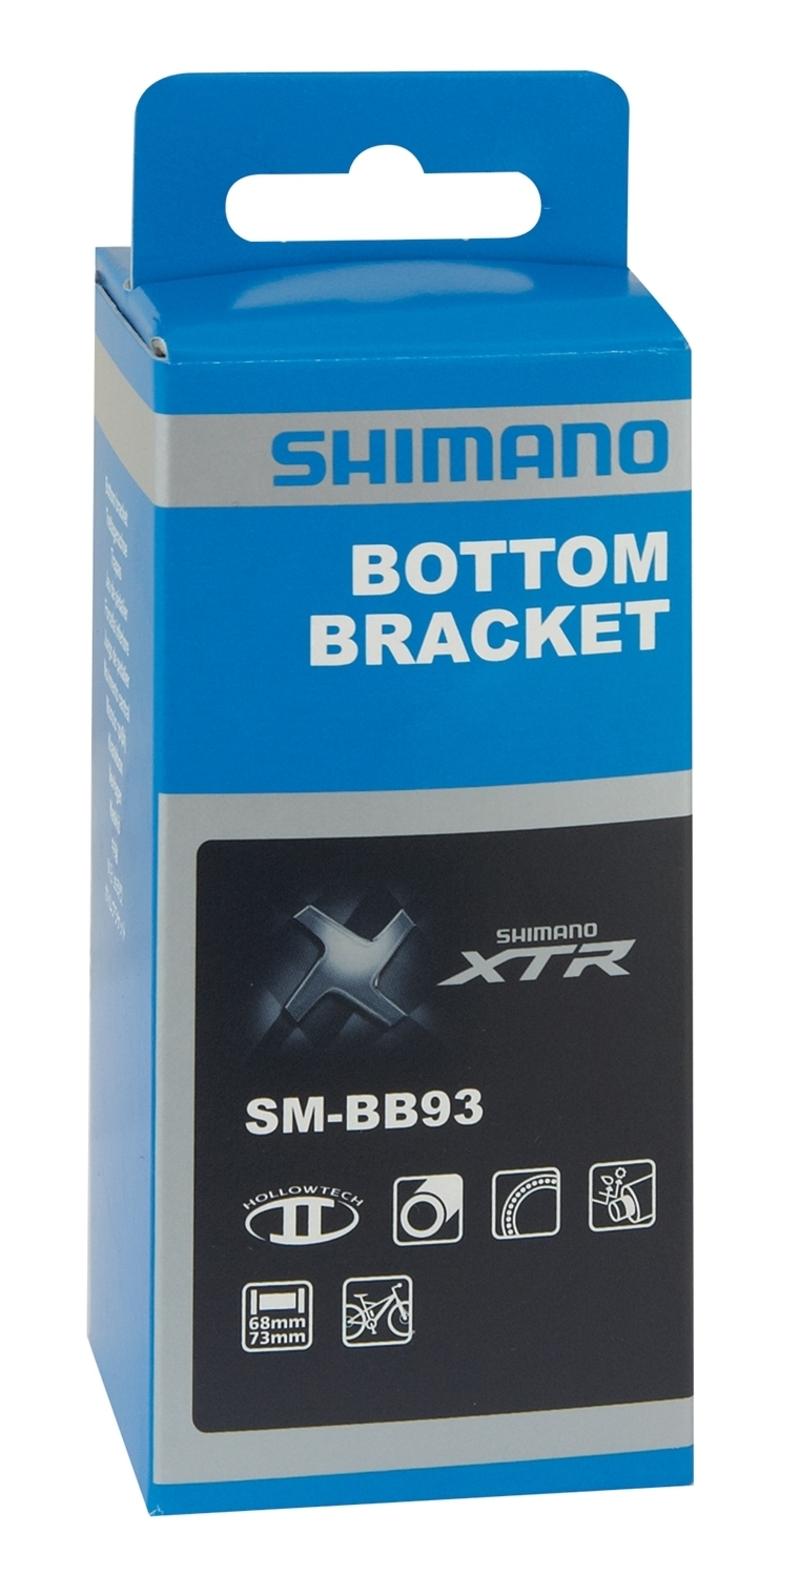 Shimano středové složení XTR SM-BB93